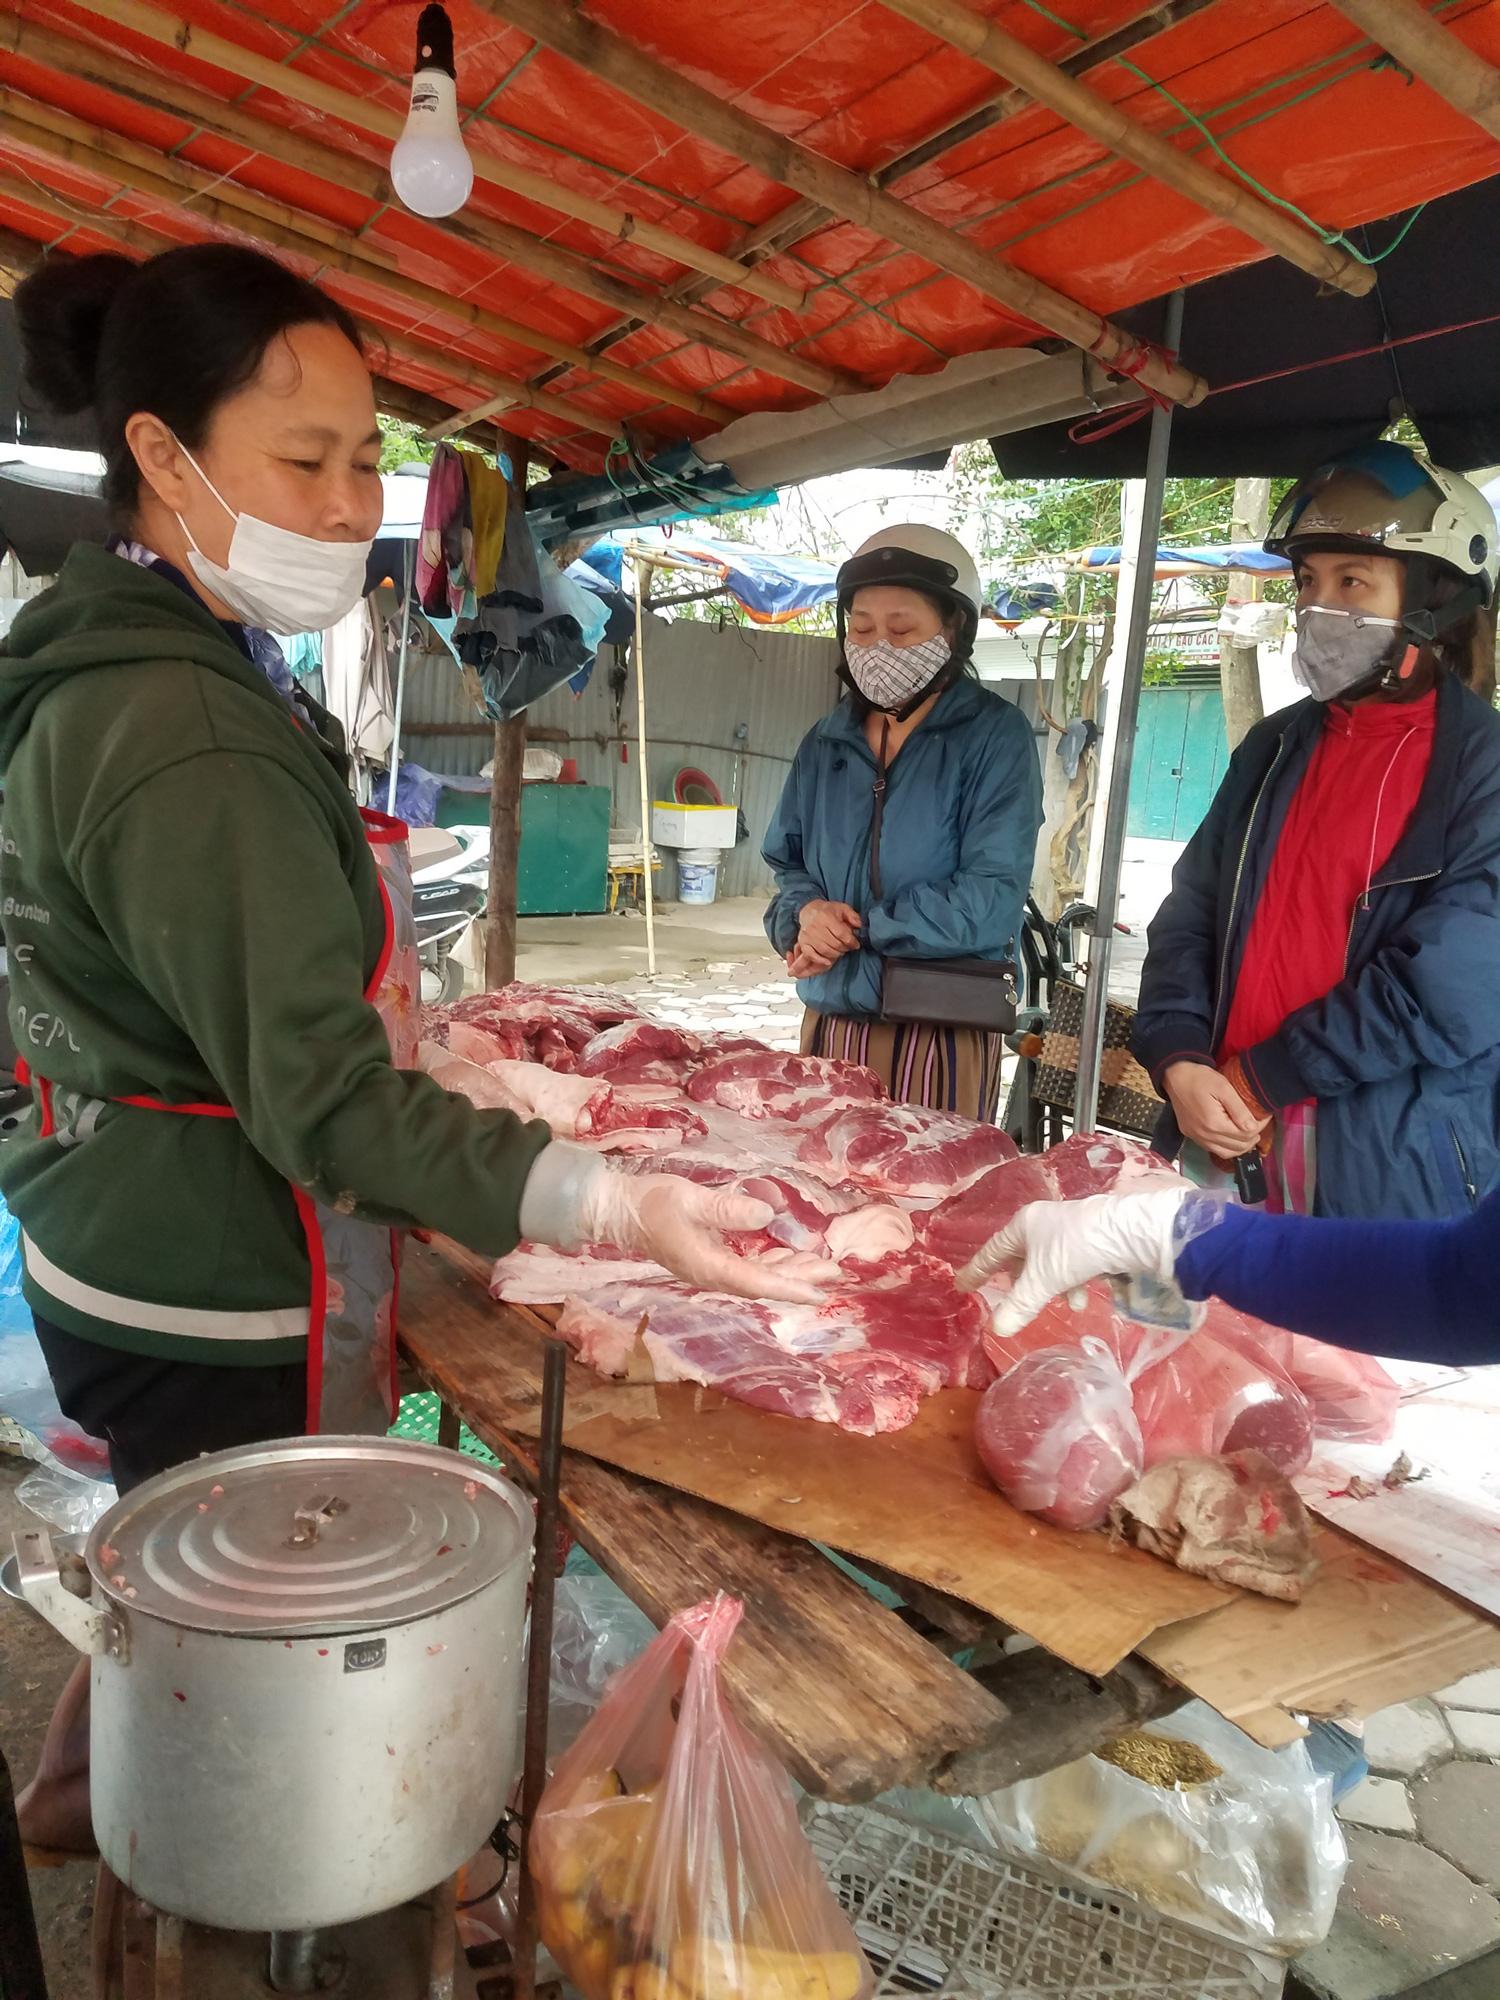 Hà Nội: Người dân tranh thủ ra các chợ, siêu thị mua lương thực và các đồ thiết yếu - Ảnh 13.